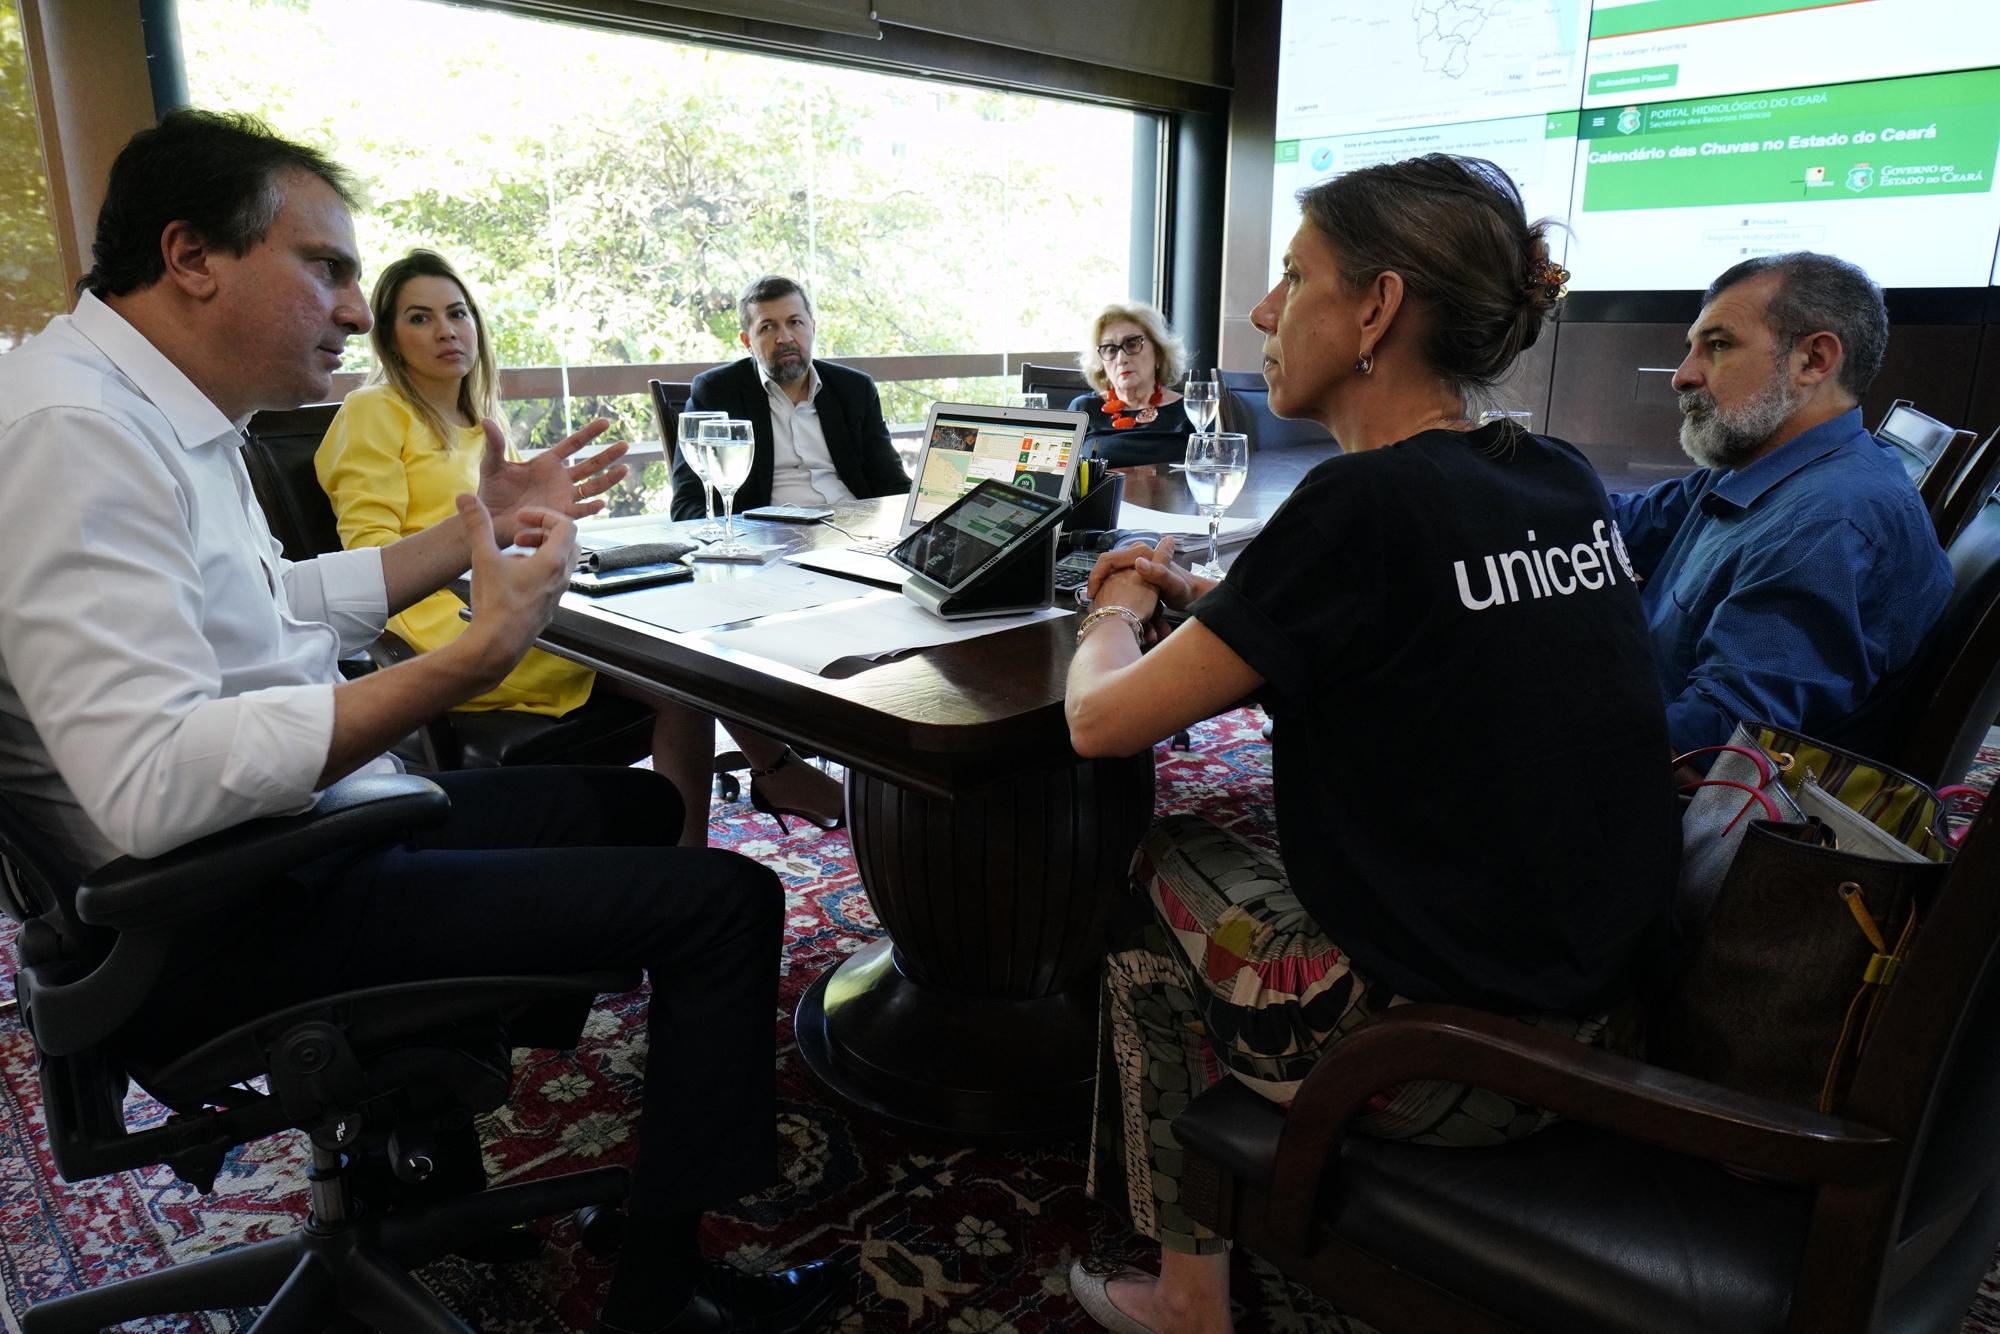 Reunião com o Unicef para firmar acordo